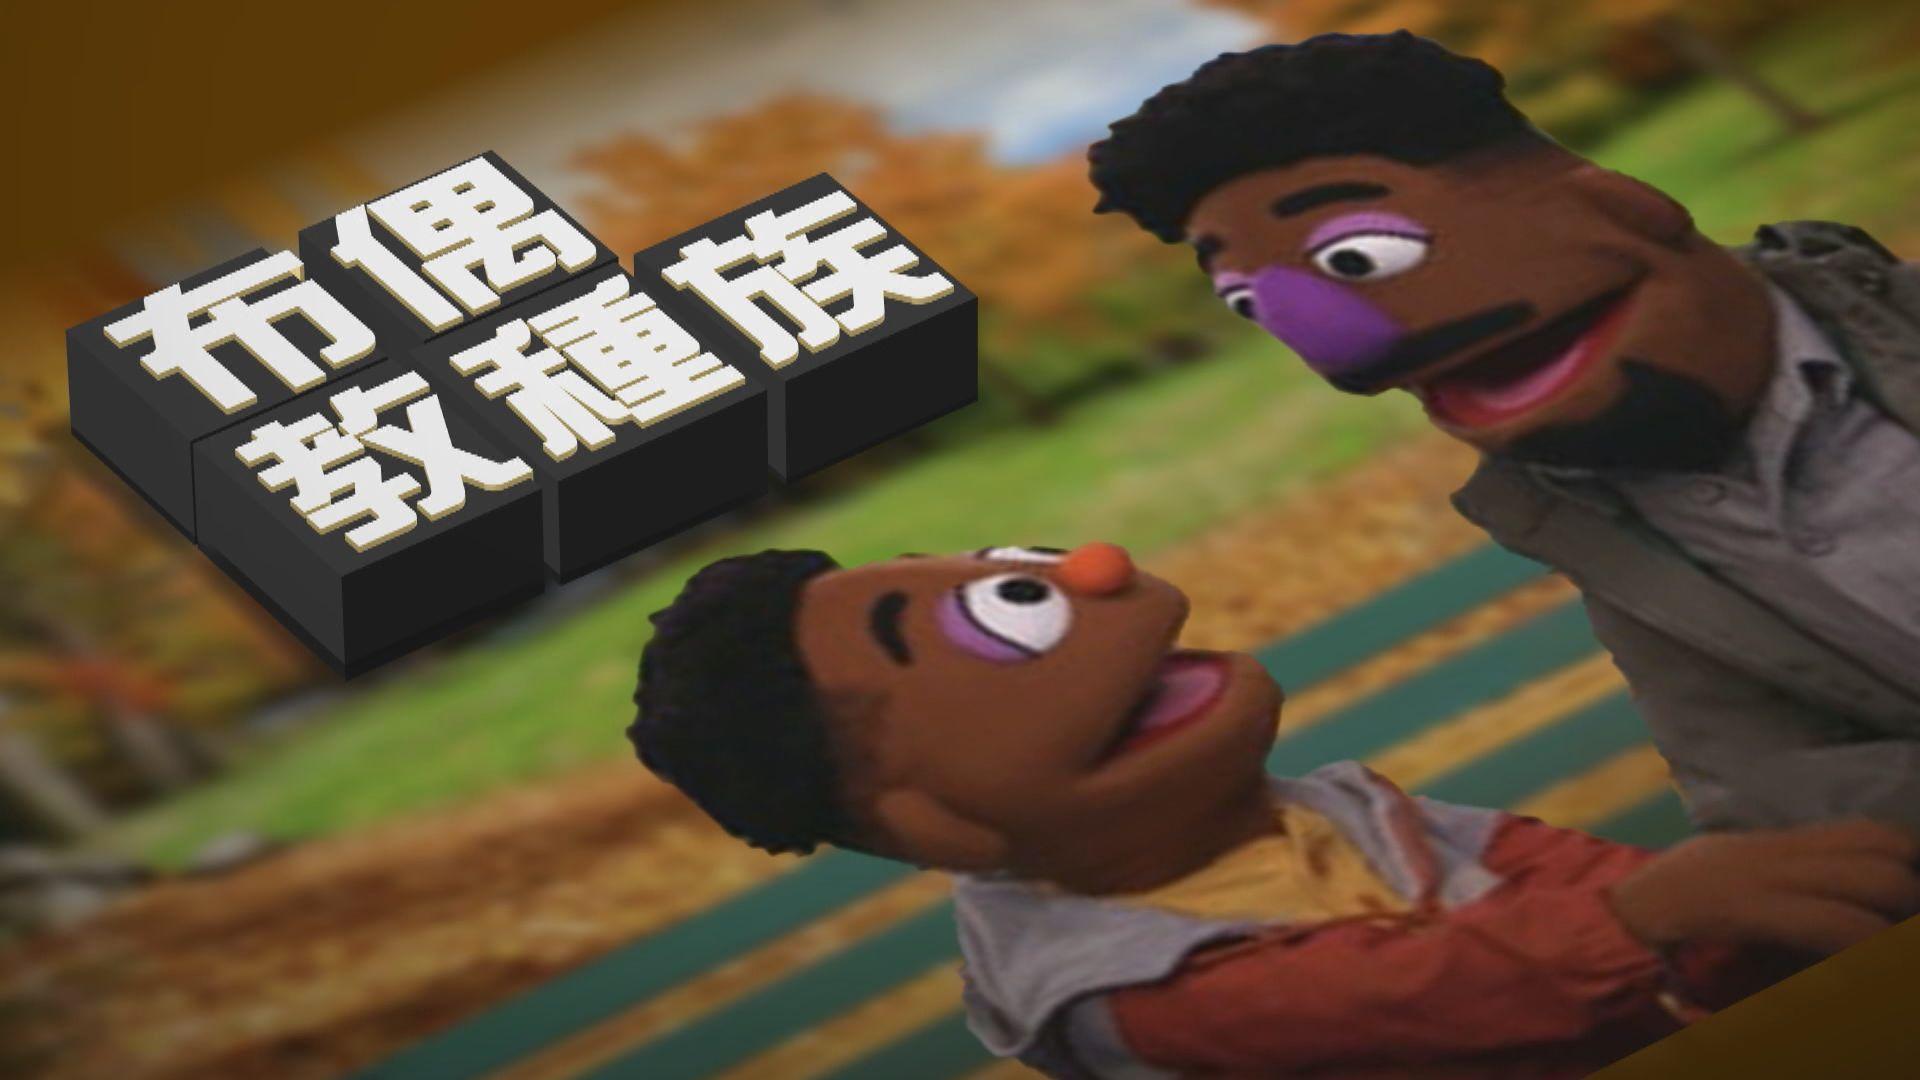 【新聞智庫】《芝麻街》新布偶登場 教小朋友尊重種族